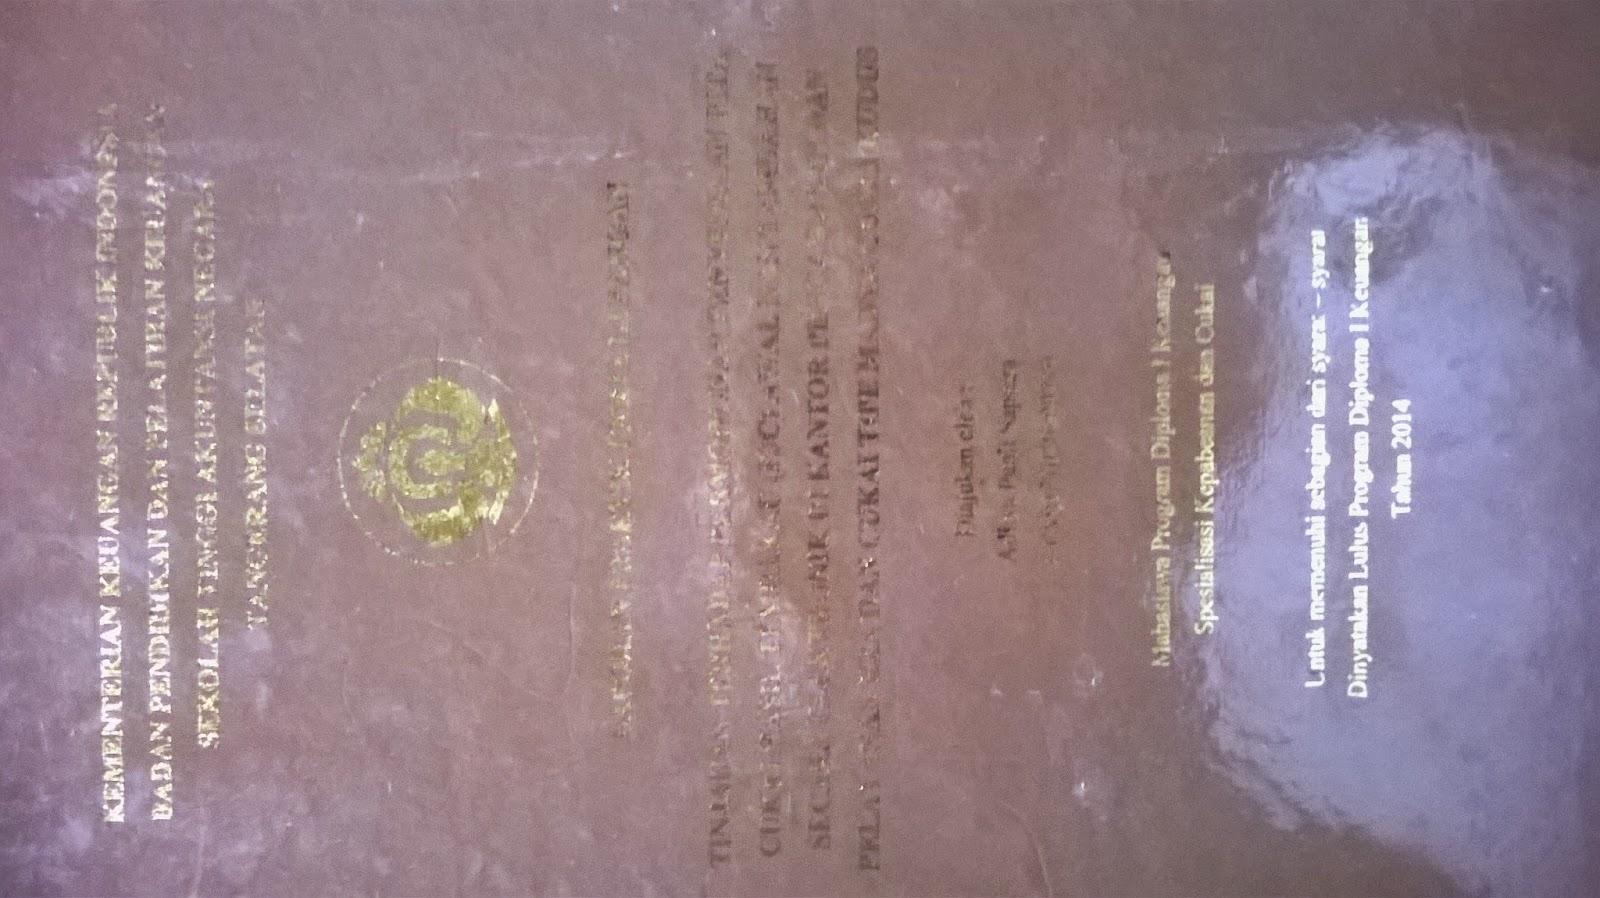 Contoh Laporan PKL D1 Bea Cukai 2014, Dwonload Laporan PKL D1 Bea Cukai 2014, Download Contoh Laporan PKL D1 Bea Cukai 2014